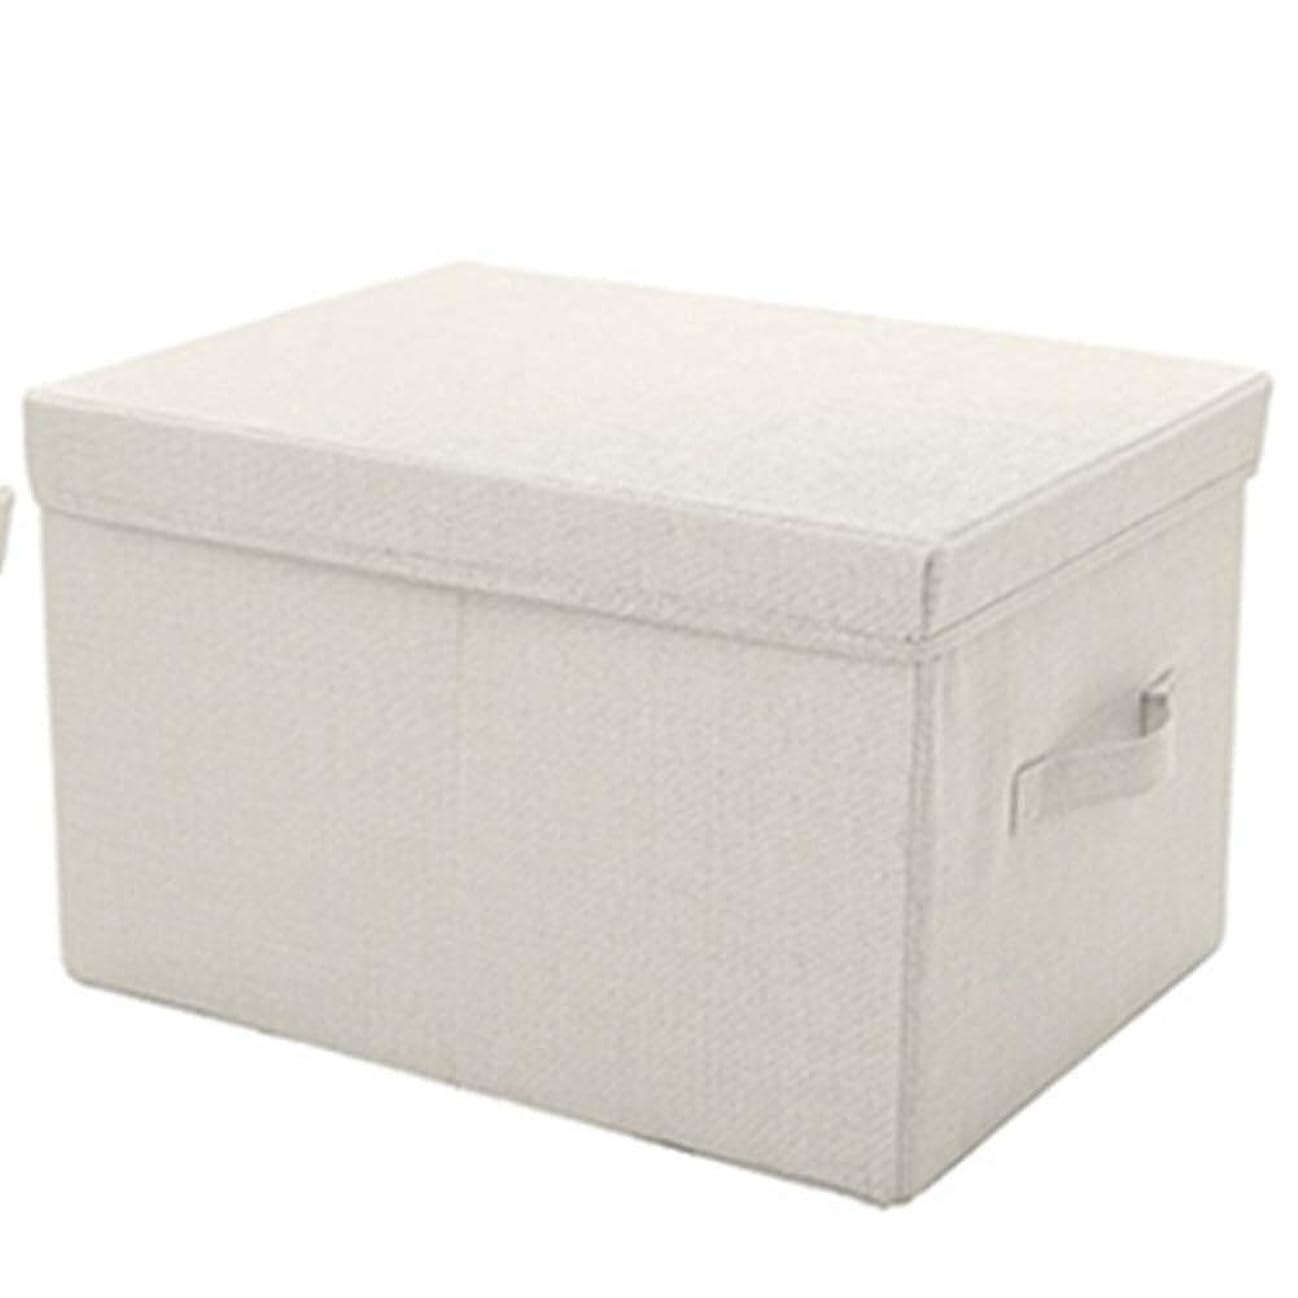 従者オゾン添加ハンドル付きキューブ収納ボックス、コットン生地折りたたみ収納ボックス、服のおもちゃ用収納箱バスケット。 (Color : Off white, Size : 35*28*18cm)